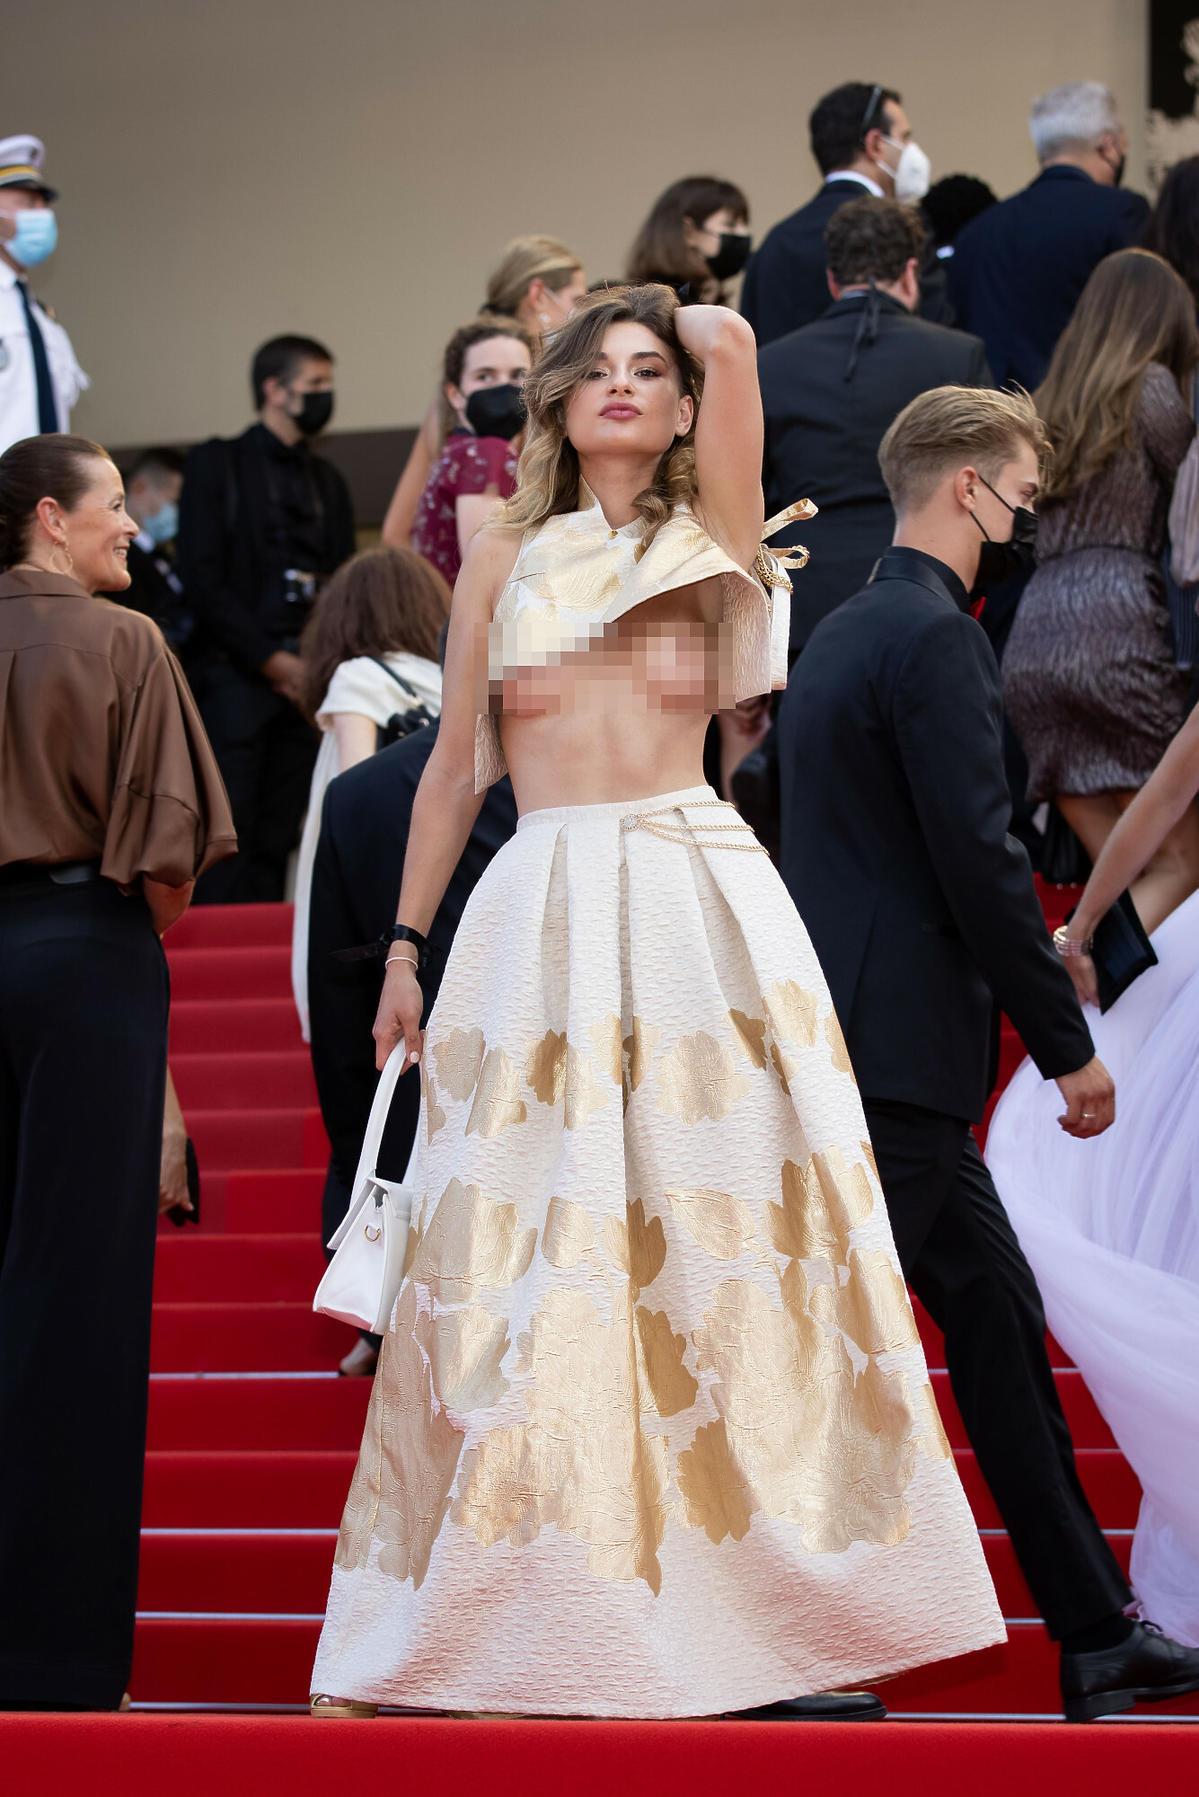 Skandal na festiwalu w Cannes 2021 Celebrytka pokazała nagi biust